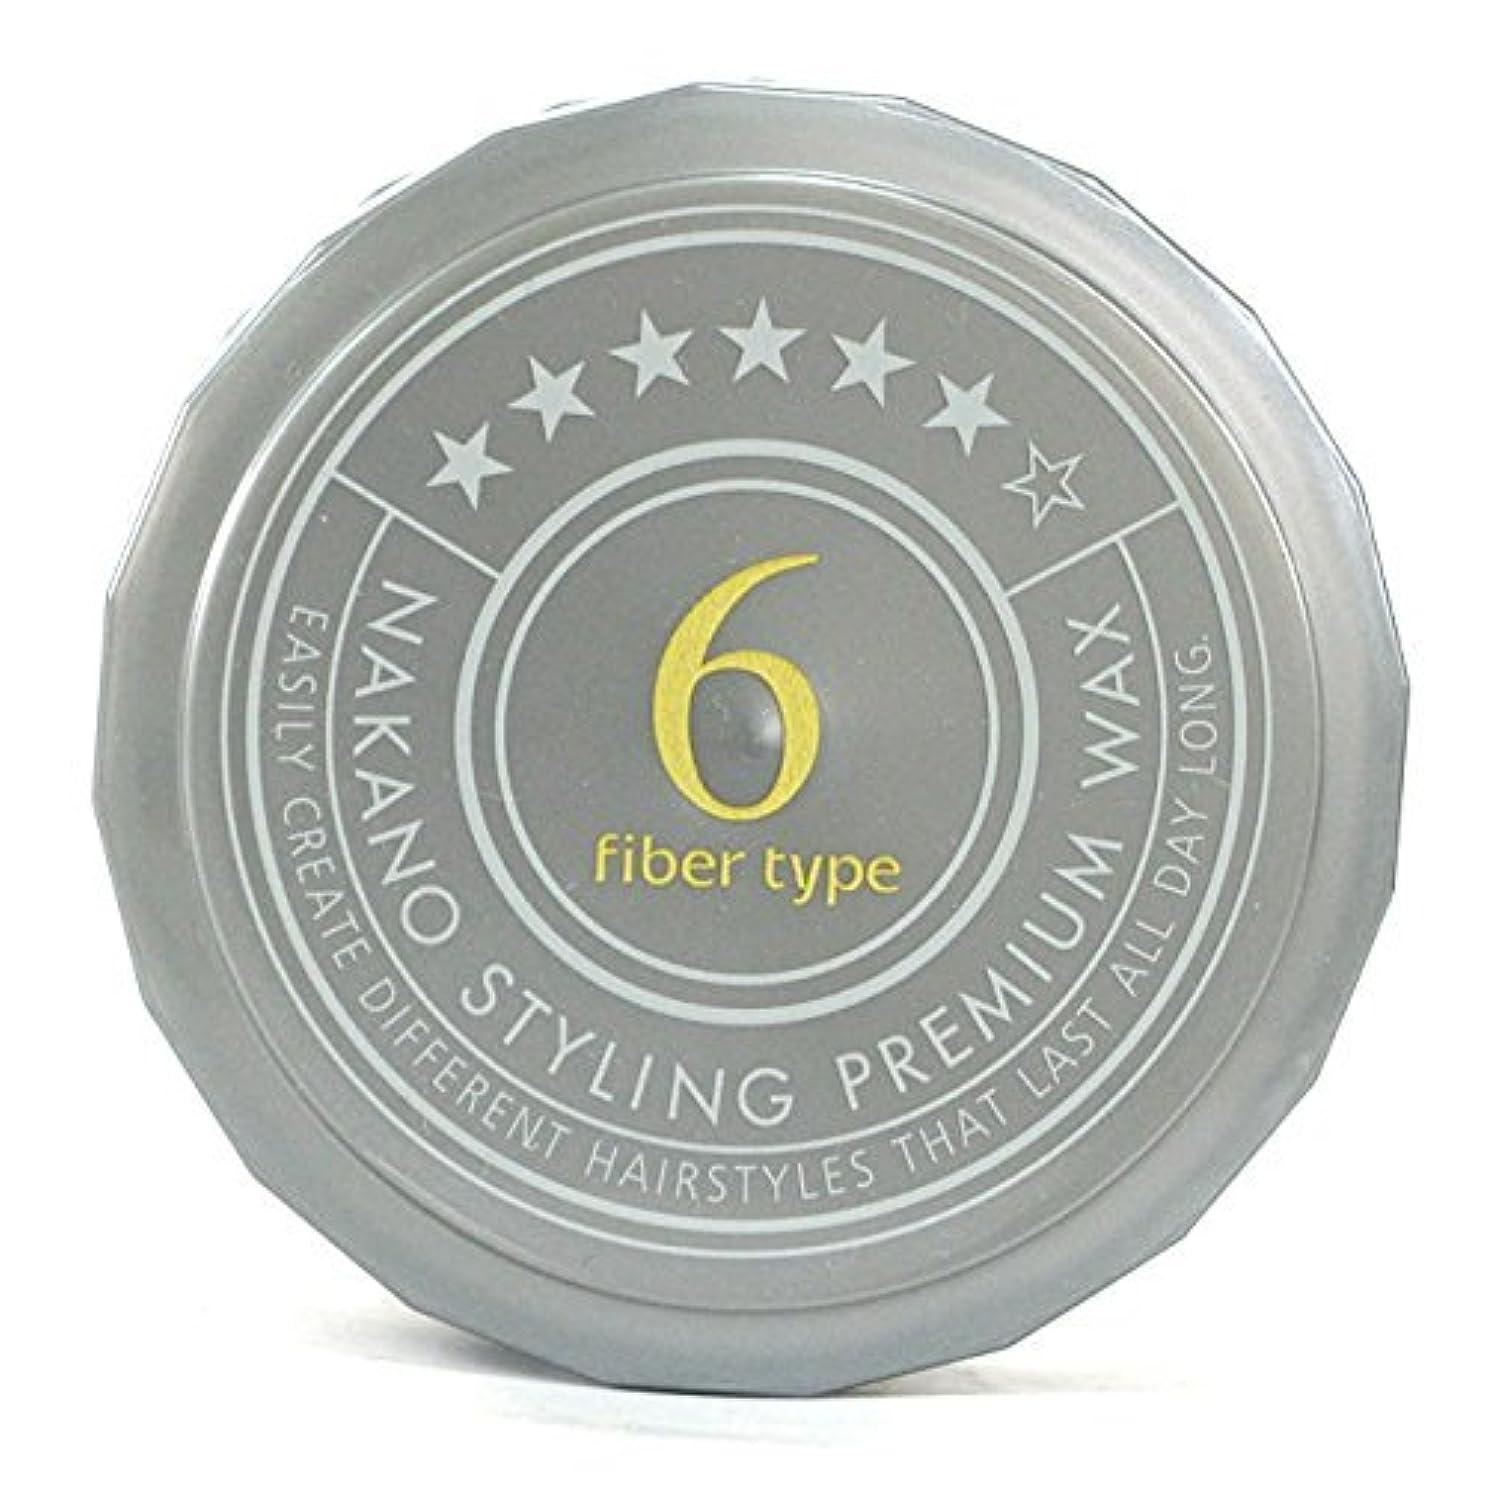 浴室はげかき混ぜるナカノ スタイリングプレミアムワックス 6 ウルトラスーパーハード 60g